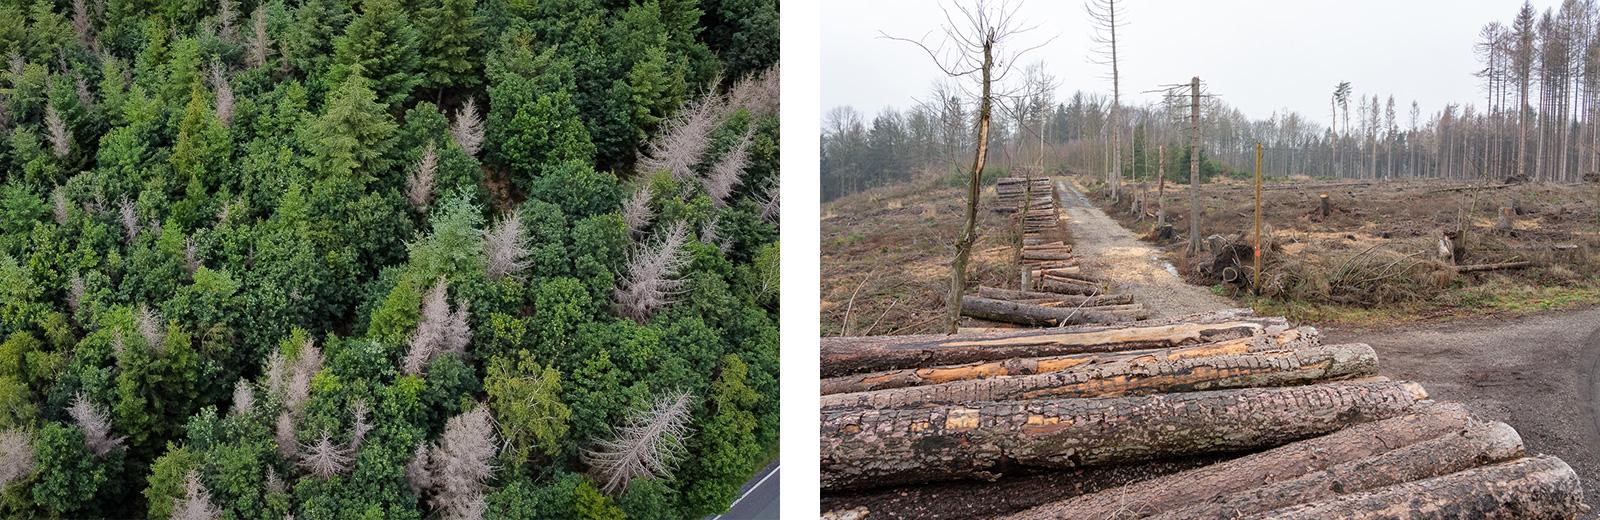 Borkenkäferplage, links: vereinzelte betroffene Bäume, rechts: großflächige Rodung